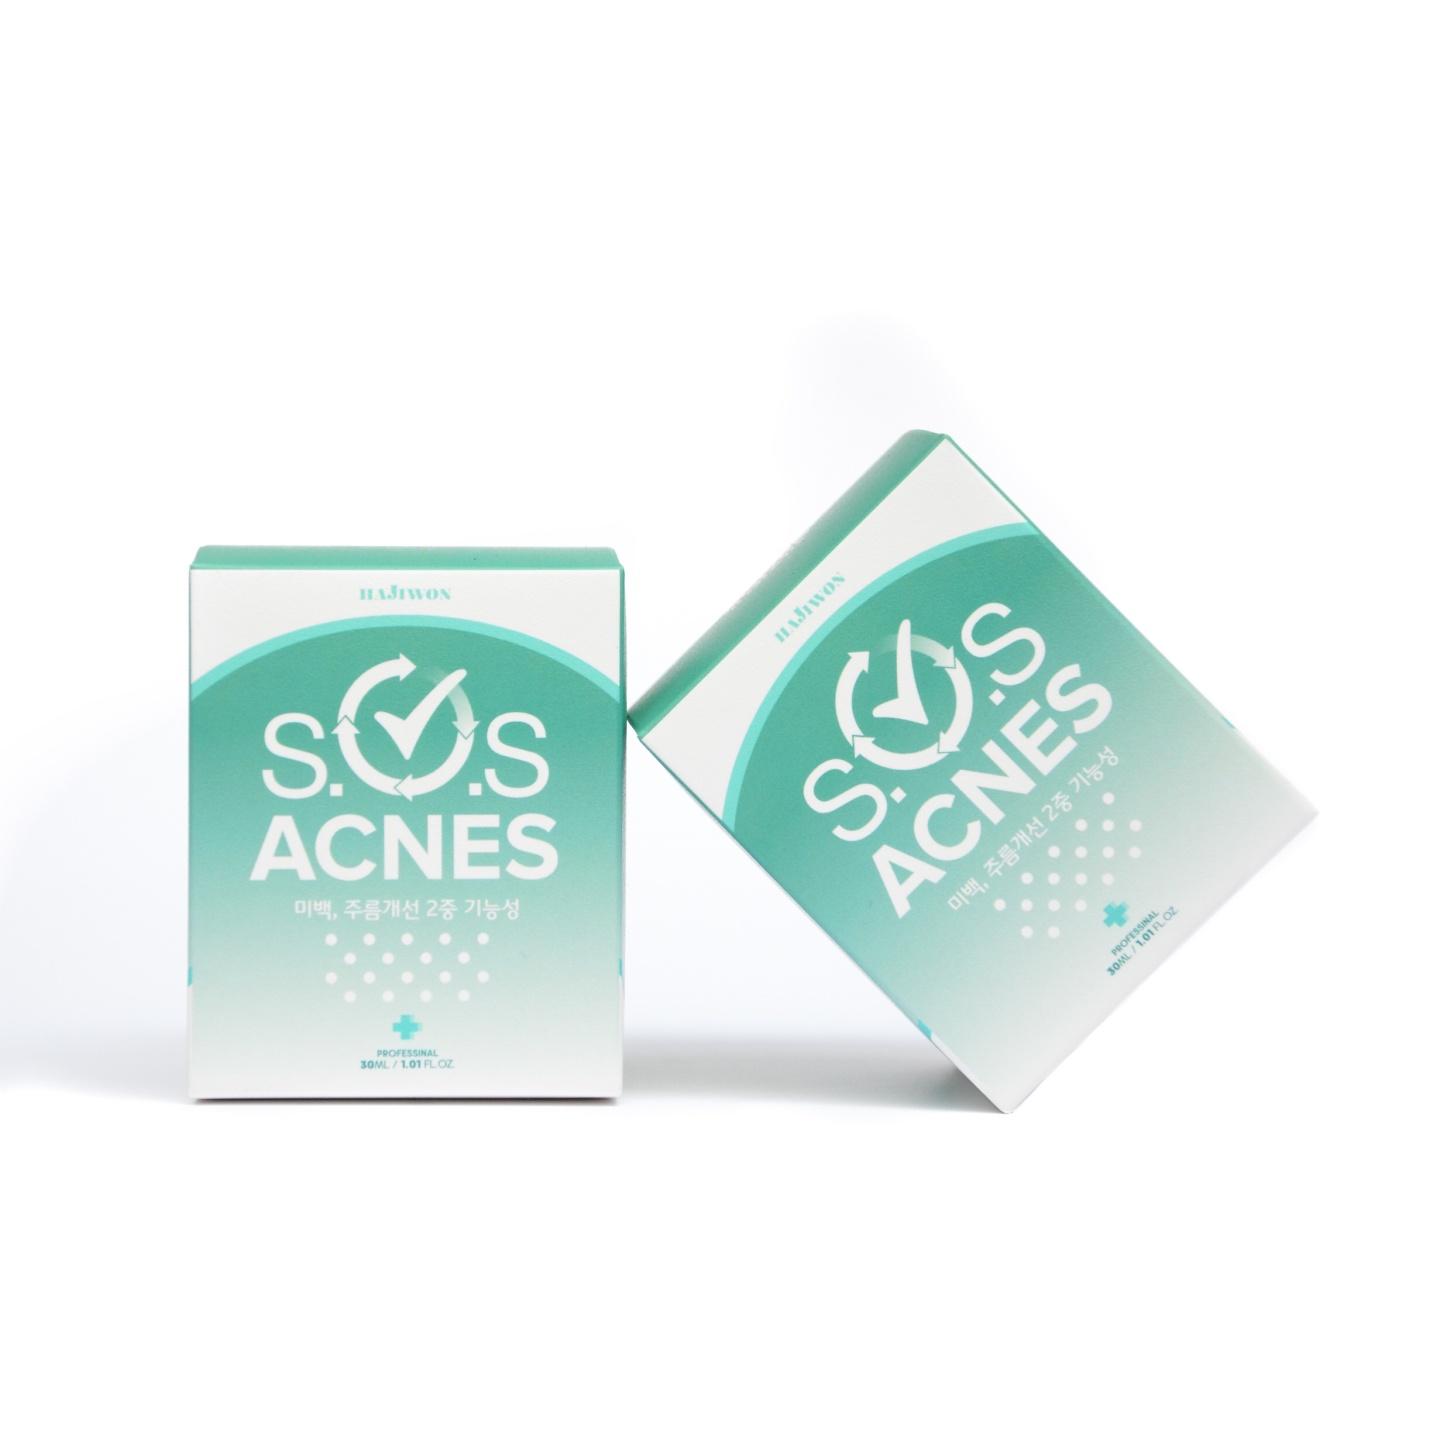 kem trị mụn S.O.S ACNES S.O.S Acnes sản phẩm trị mụn hàng đầu